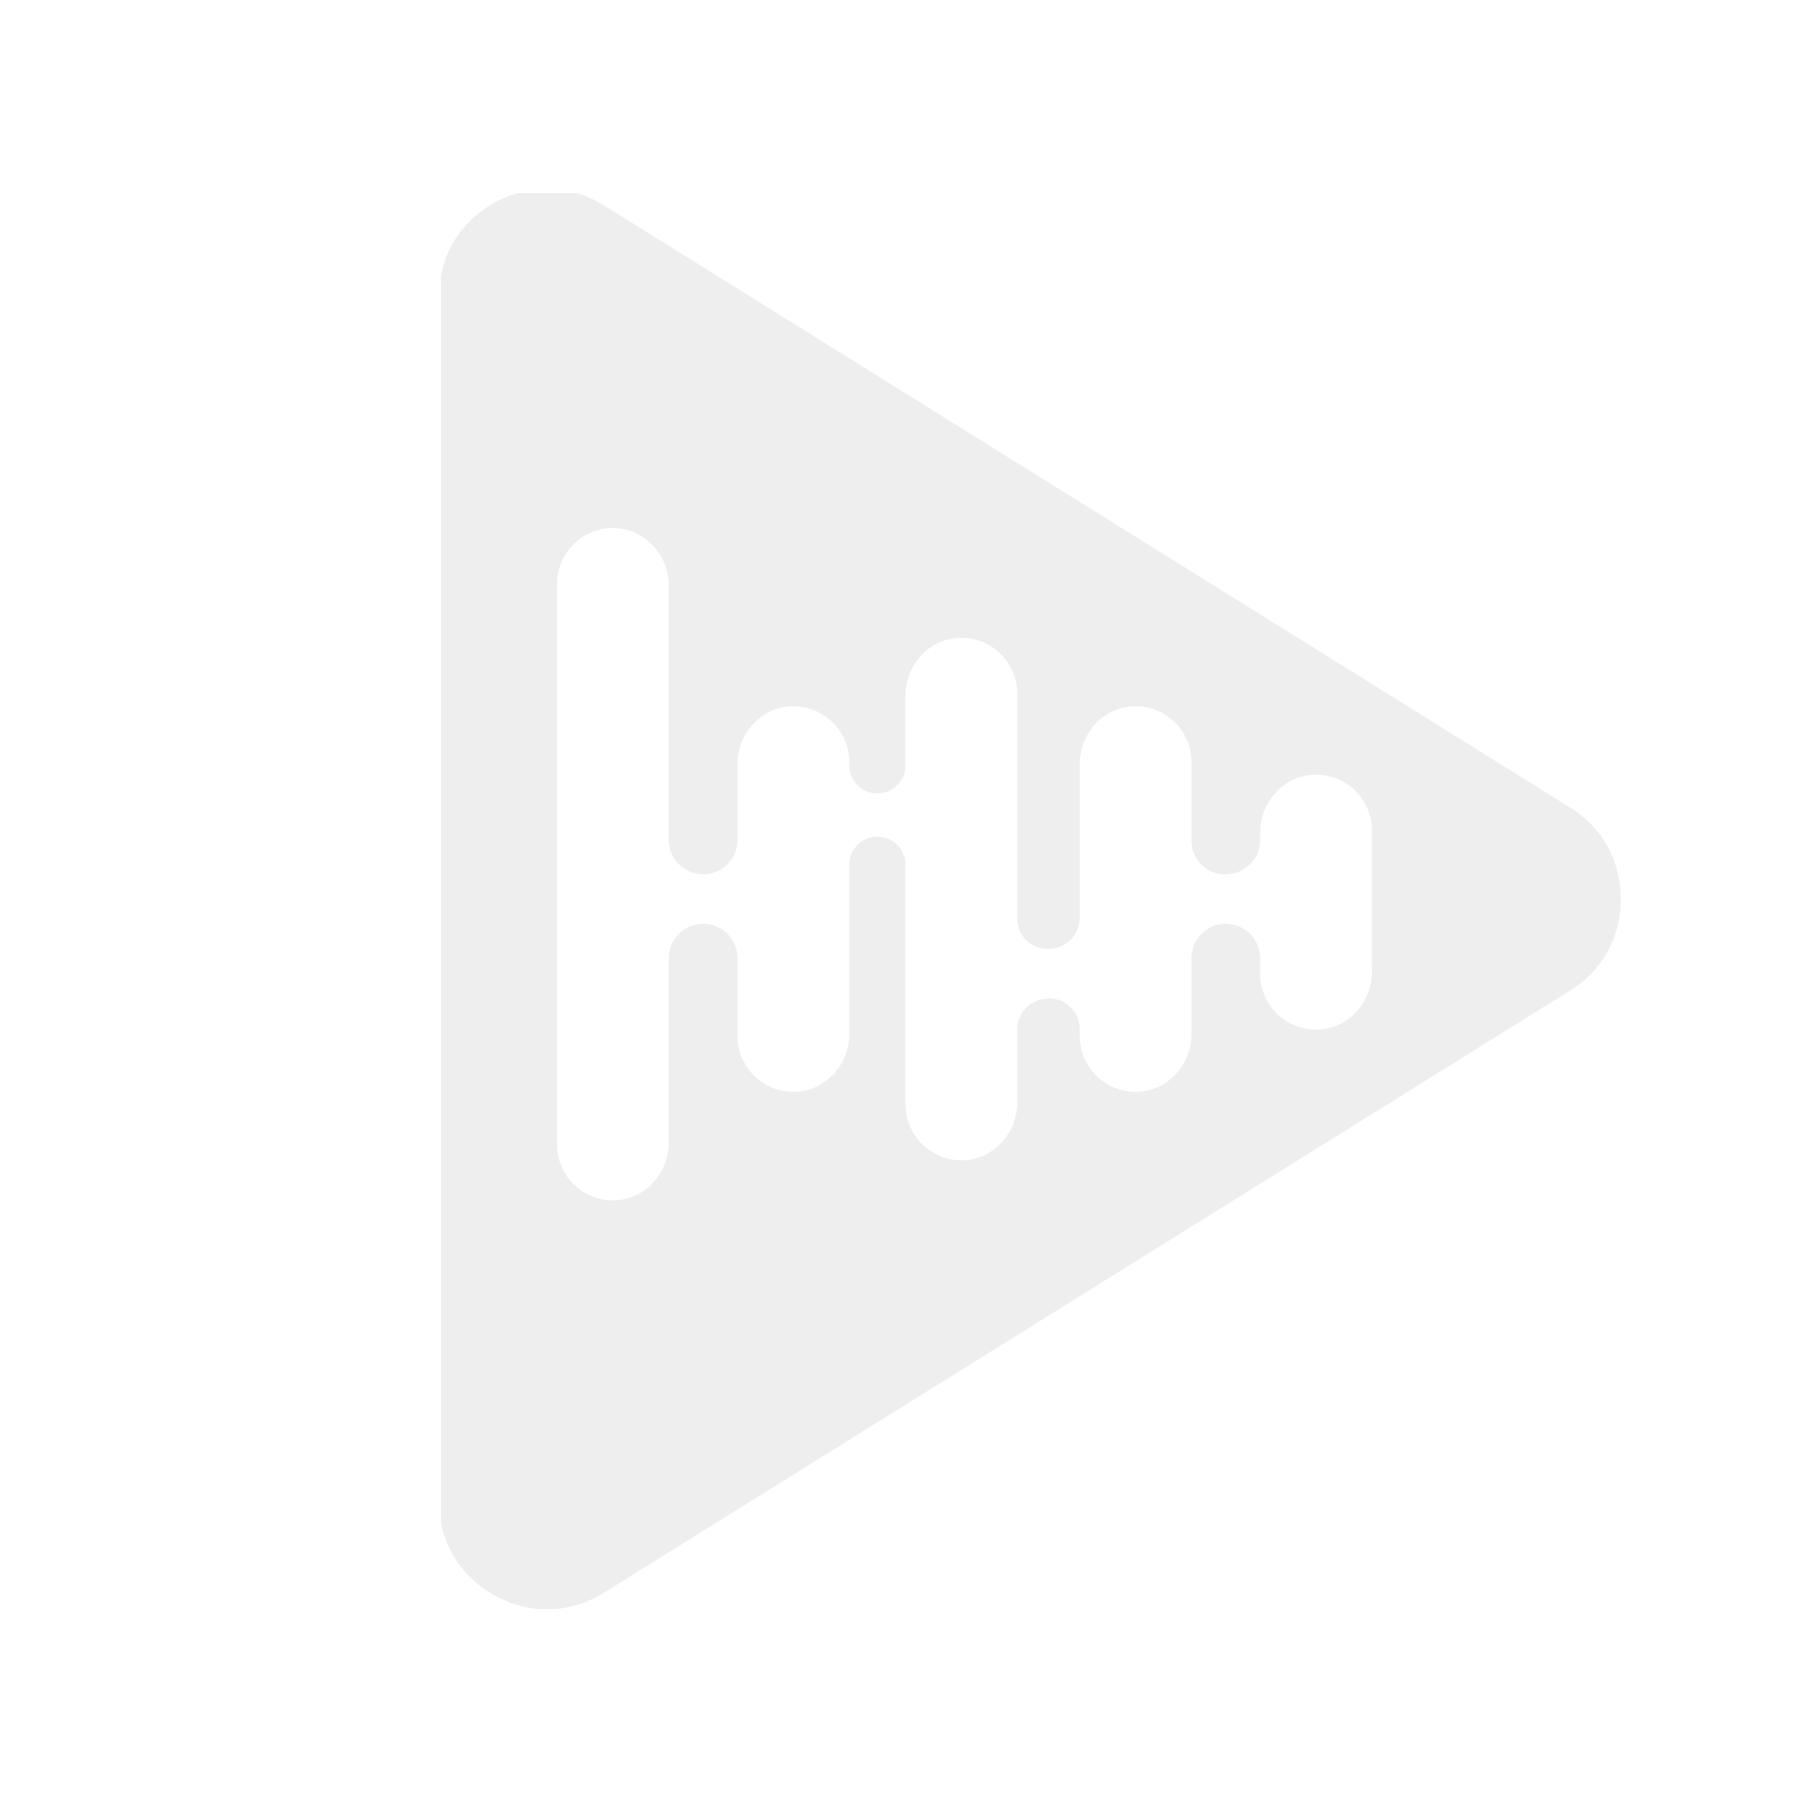 Hertz Mille Pro MPCX 2TM.3